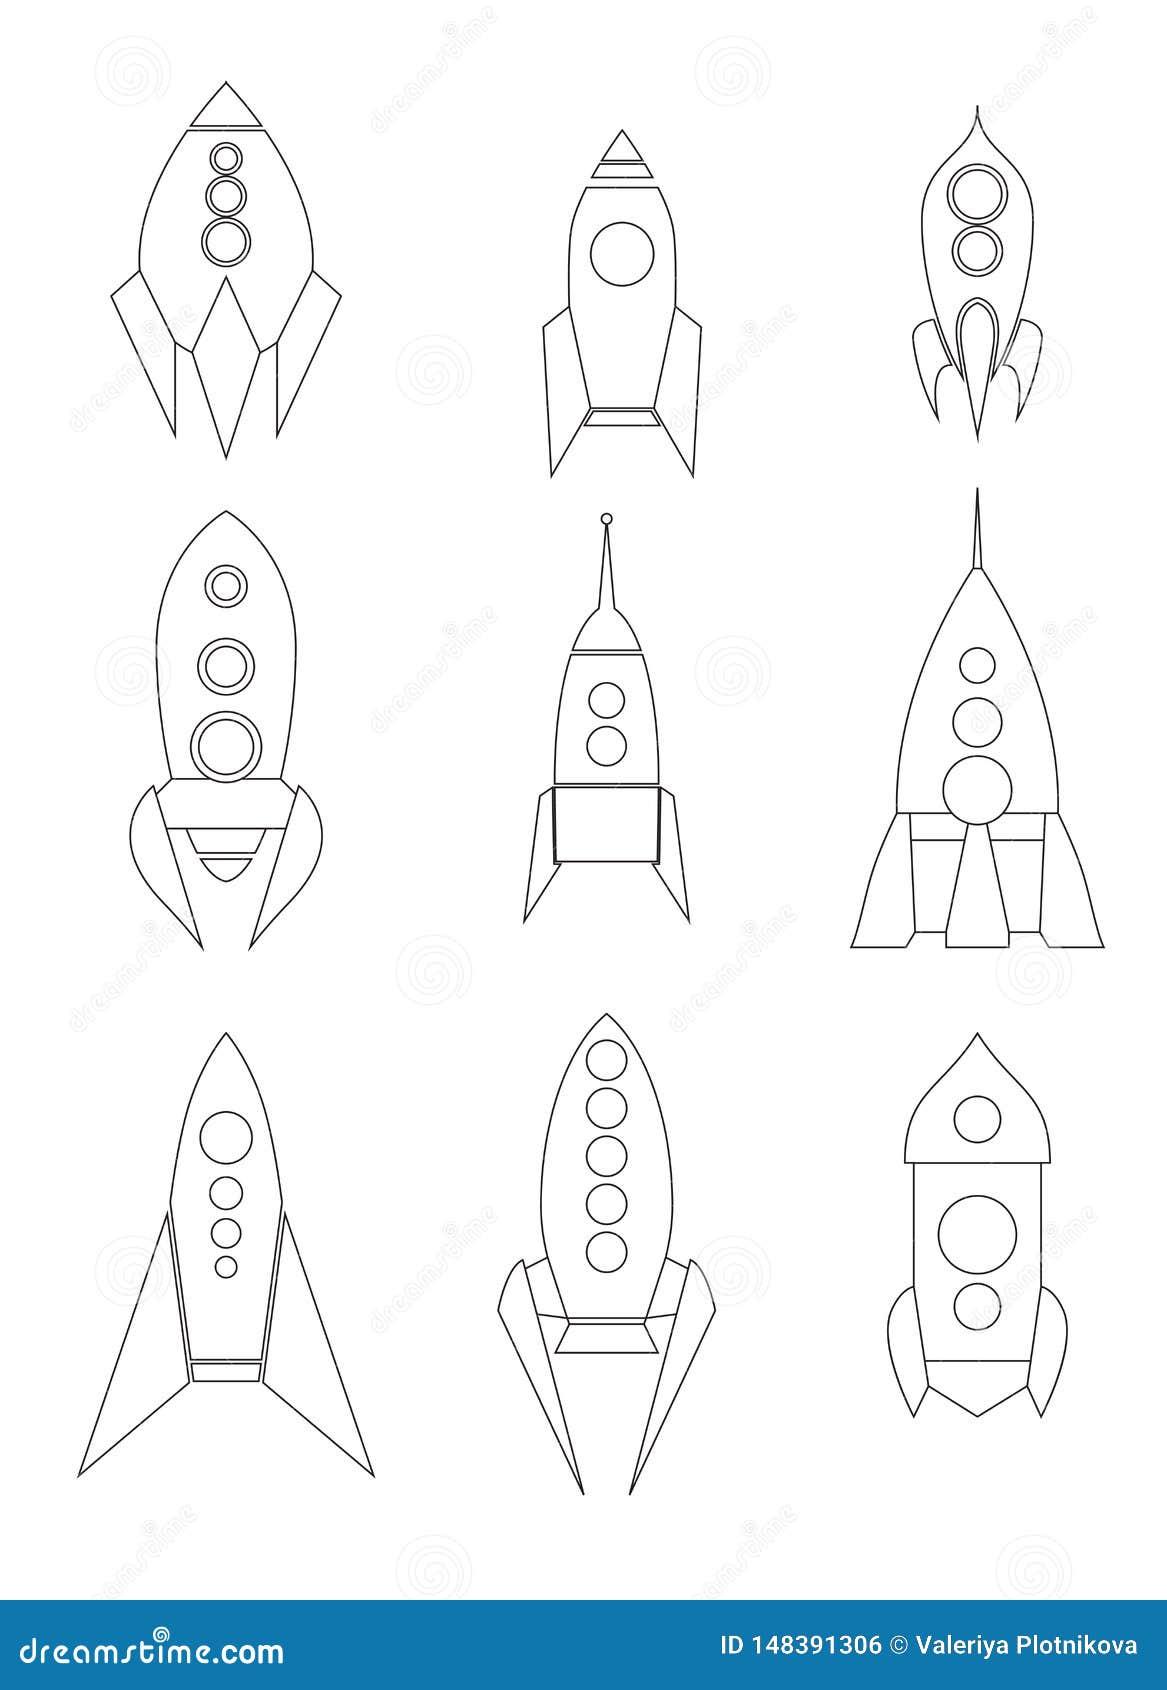 Σύνολο εικονιδίων διαστημικών σκαφών περιλήψεων Γραμμικό σχέδιο των σαϊτών Διαφορετικοί τύποι πυραύλων Διανυσματικά starships